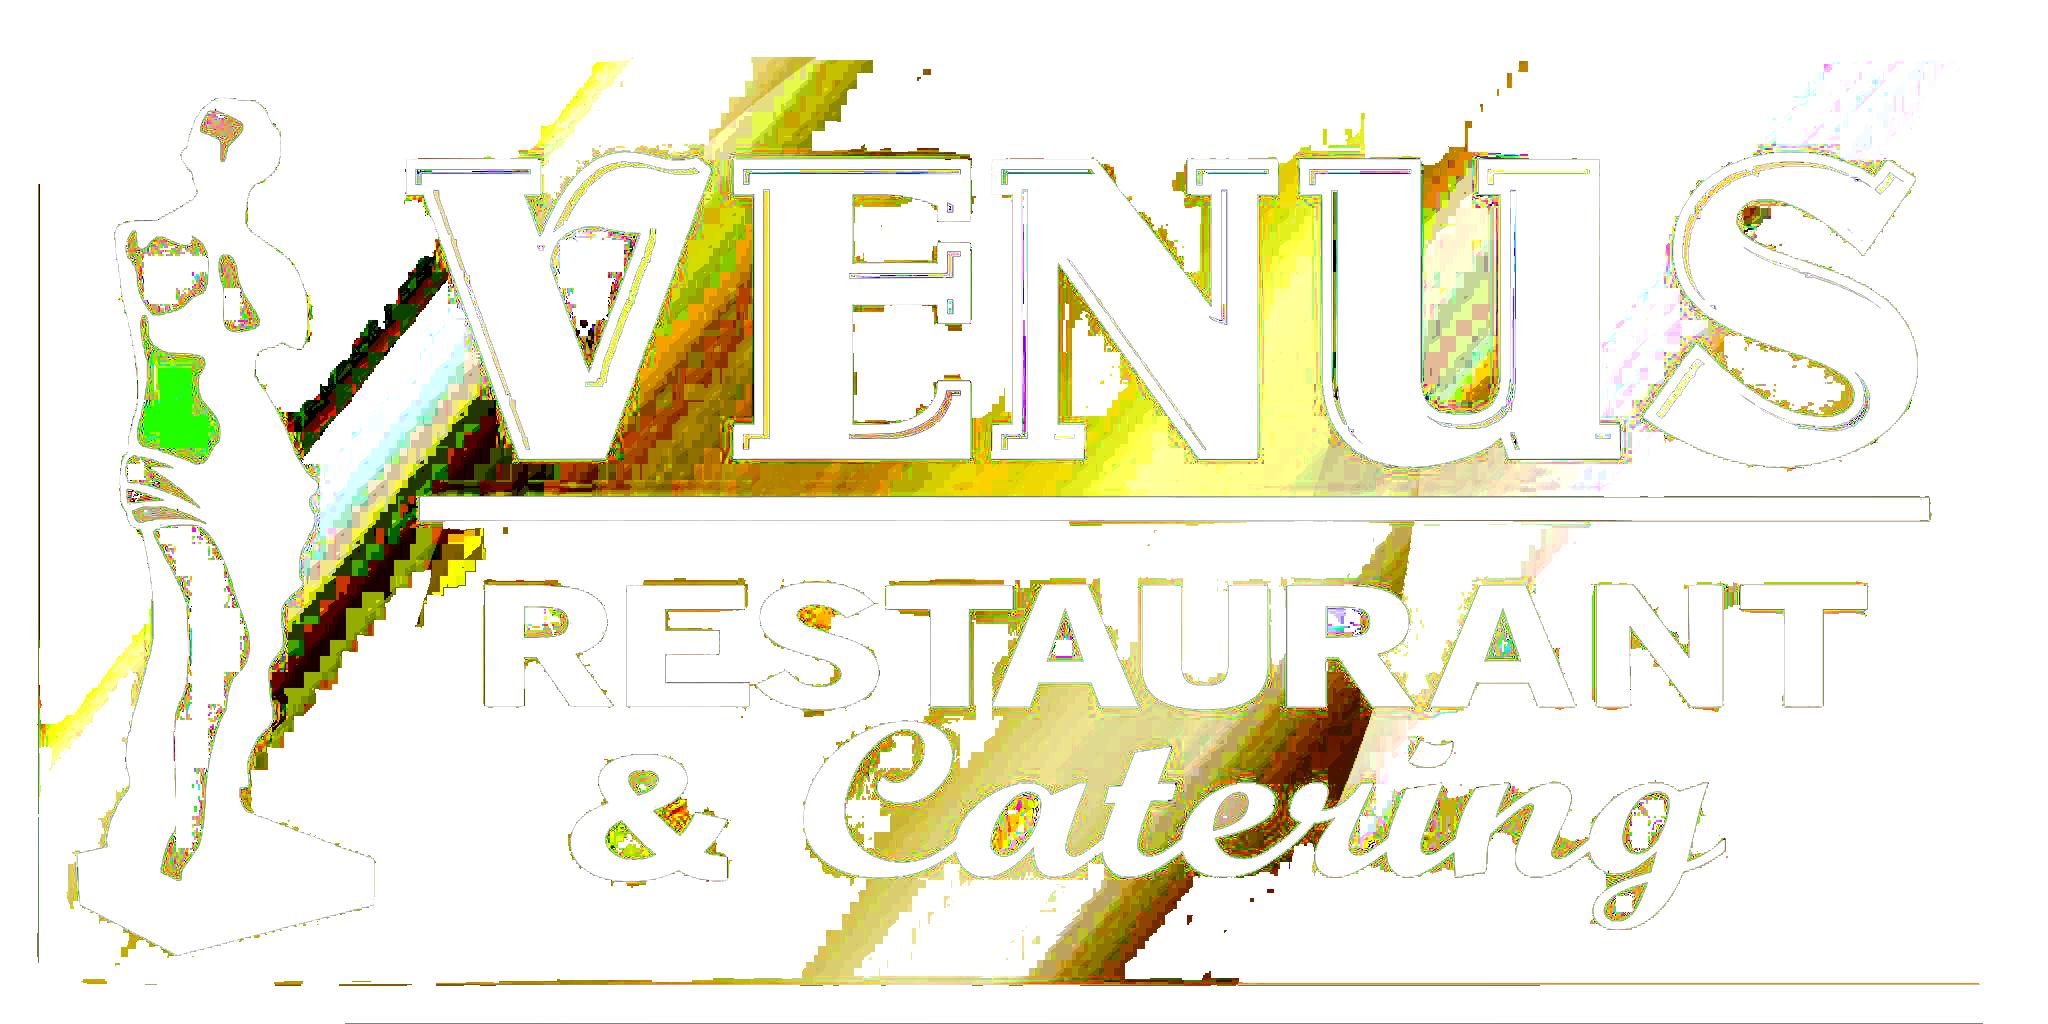 Venus Restaurant & Catering Services